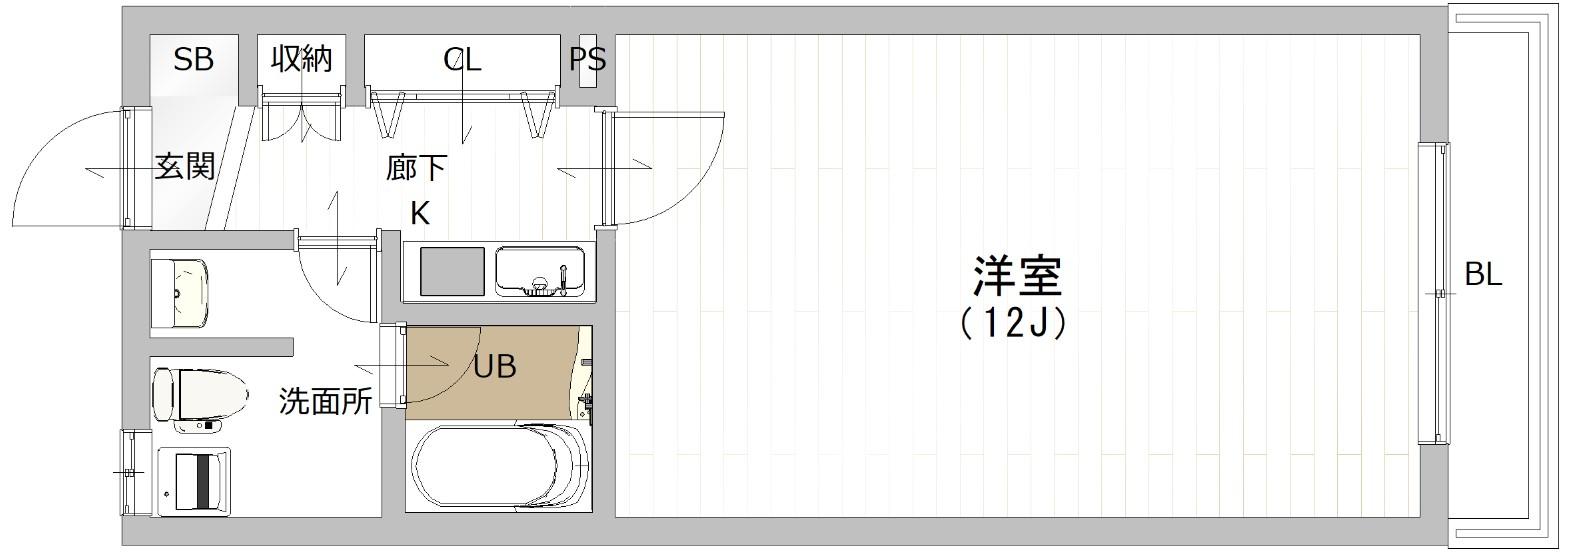 代沢テラス 202の写真1